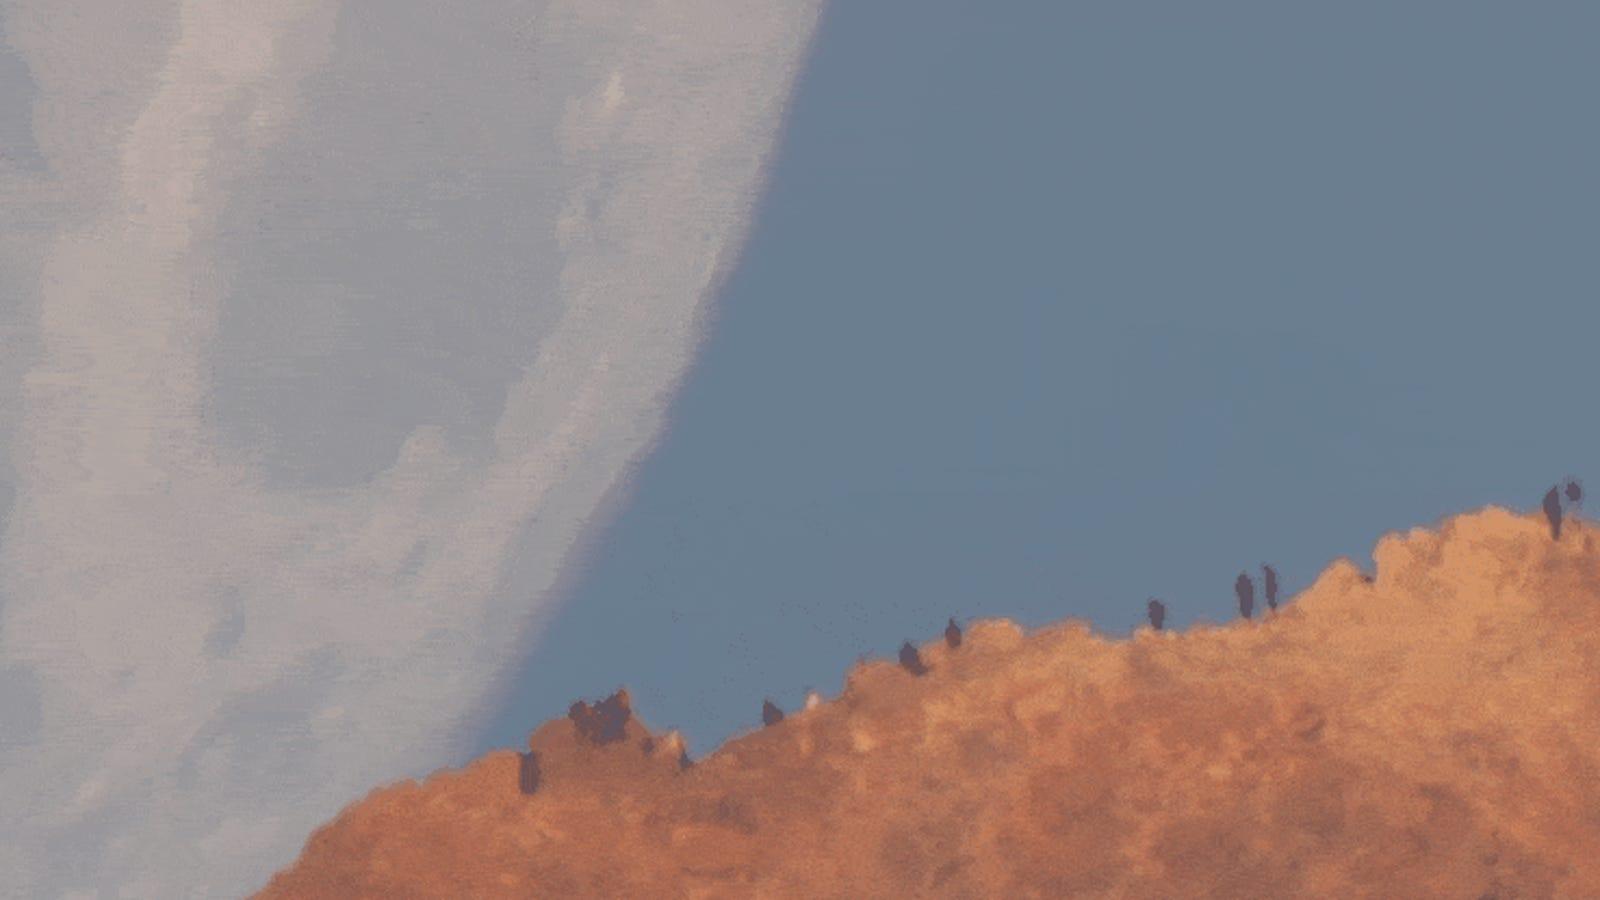 Este vídeo de una gigantesca Luna acercándose peligrosamente a la Tierra es completamente real